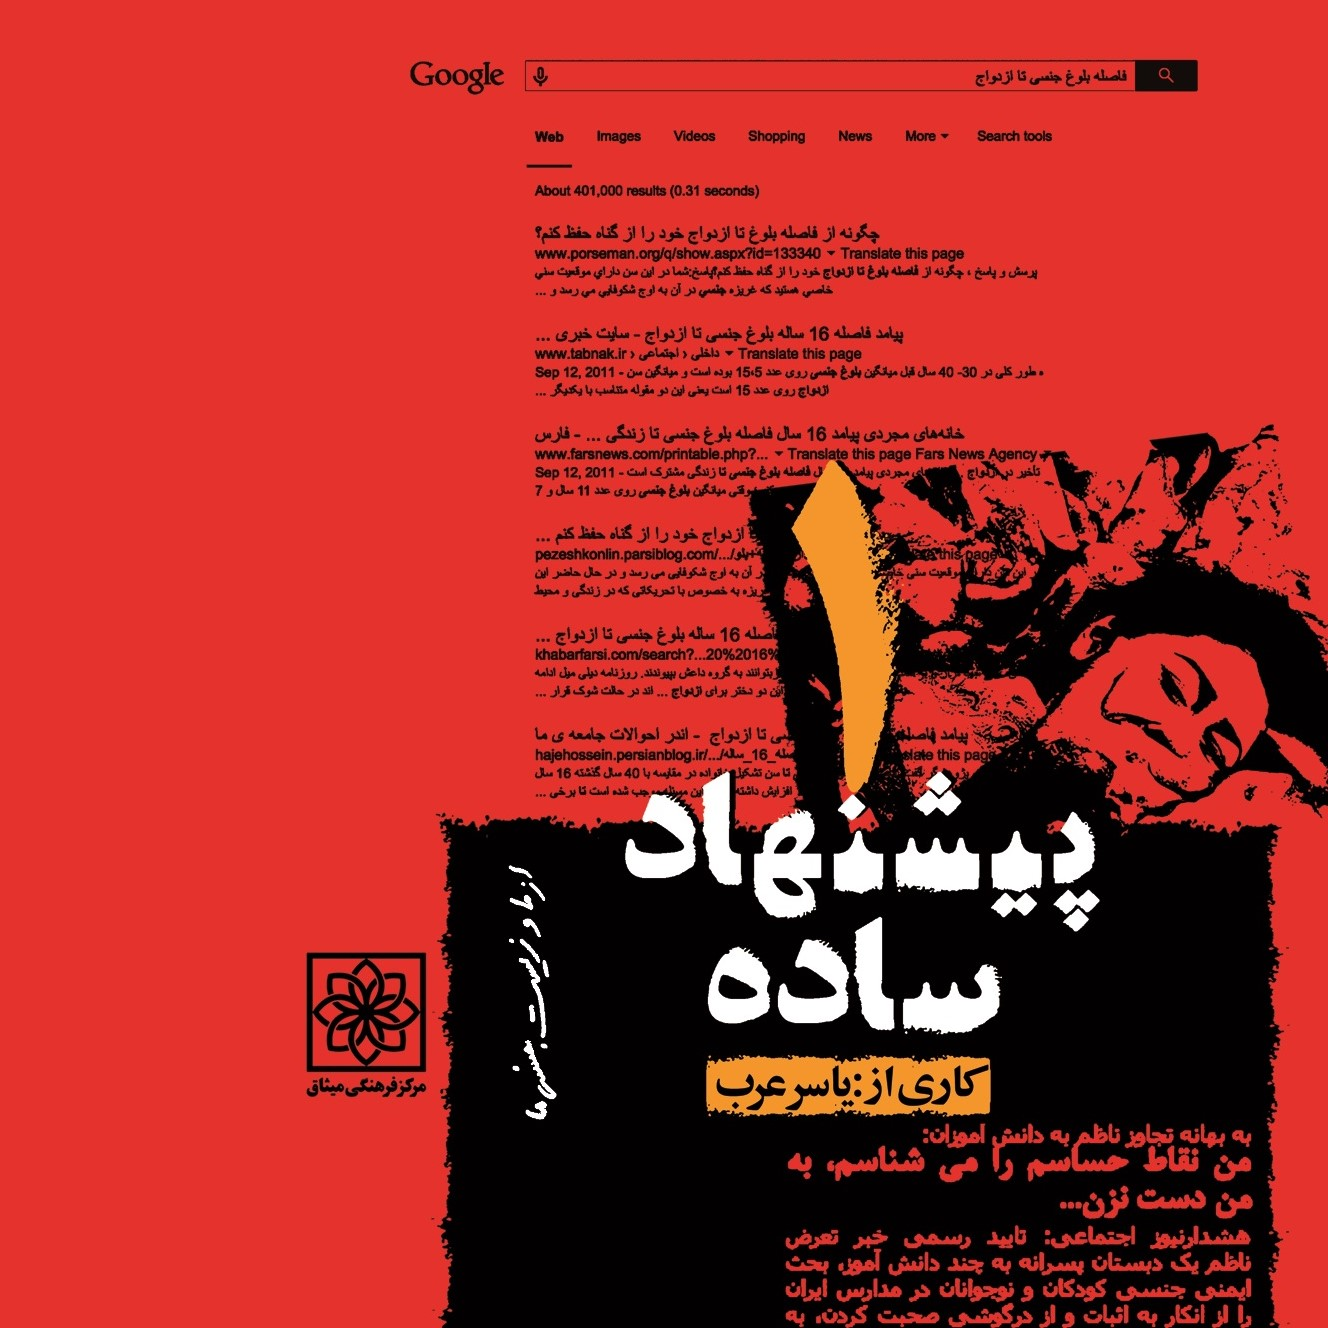 یک پیشنهاد ساده کارگردان: یاسر عرب  سال تولید: 1391 - 1394 تولید در: ایران این مستند مجموعه ای از سوالات و چالش های پیش روی ما ایرانیان در خصوص زیست جنسی ما.